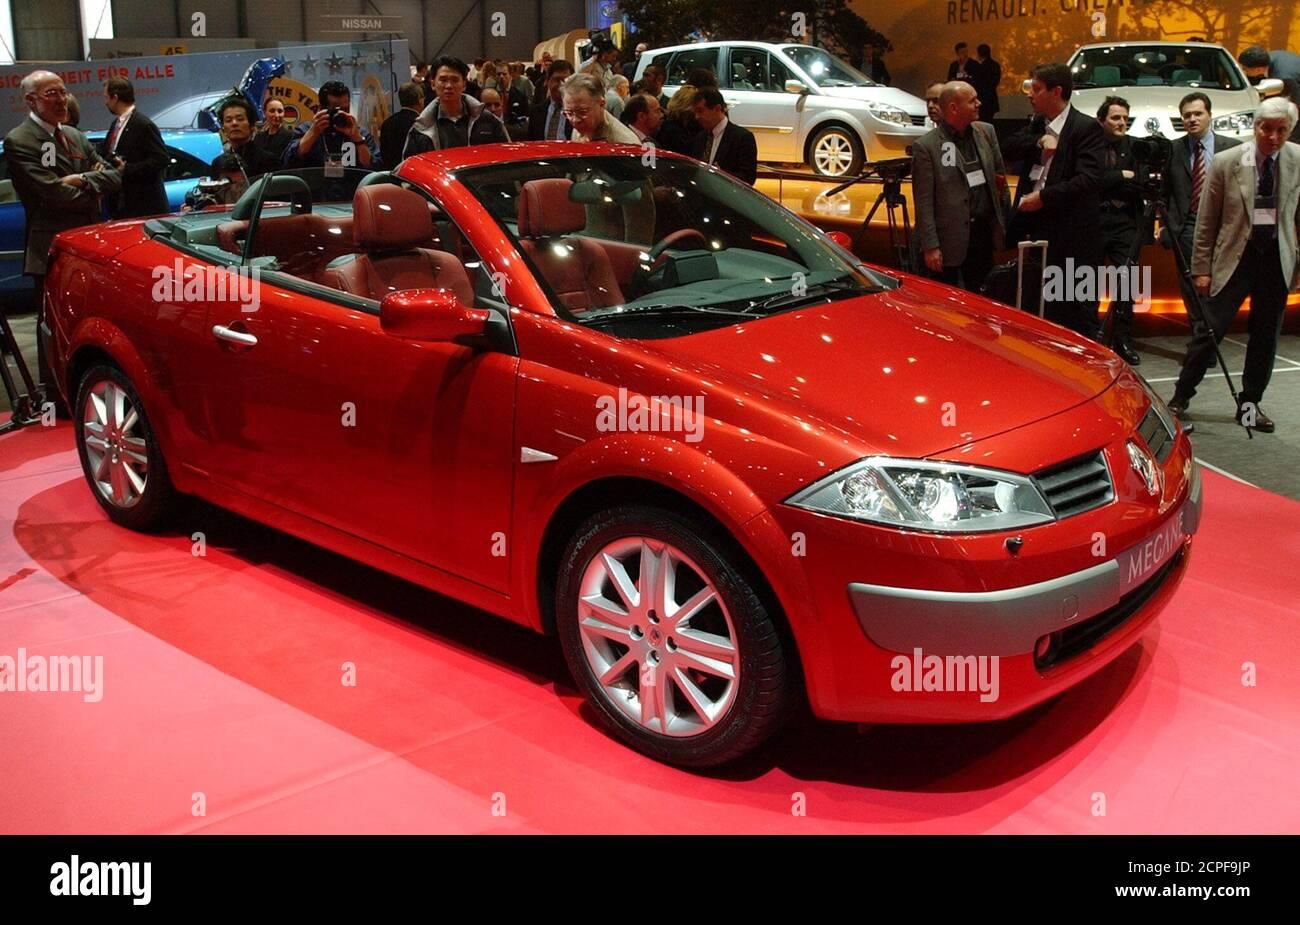 Renault Megane 2 0 Fotos E Imagenes De Stock Alamy